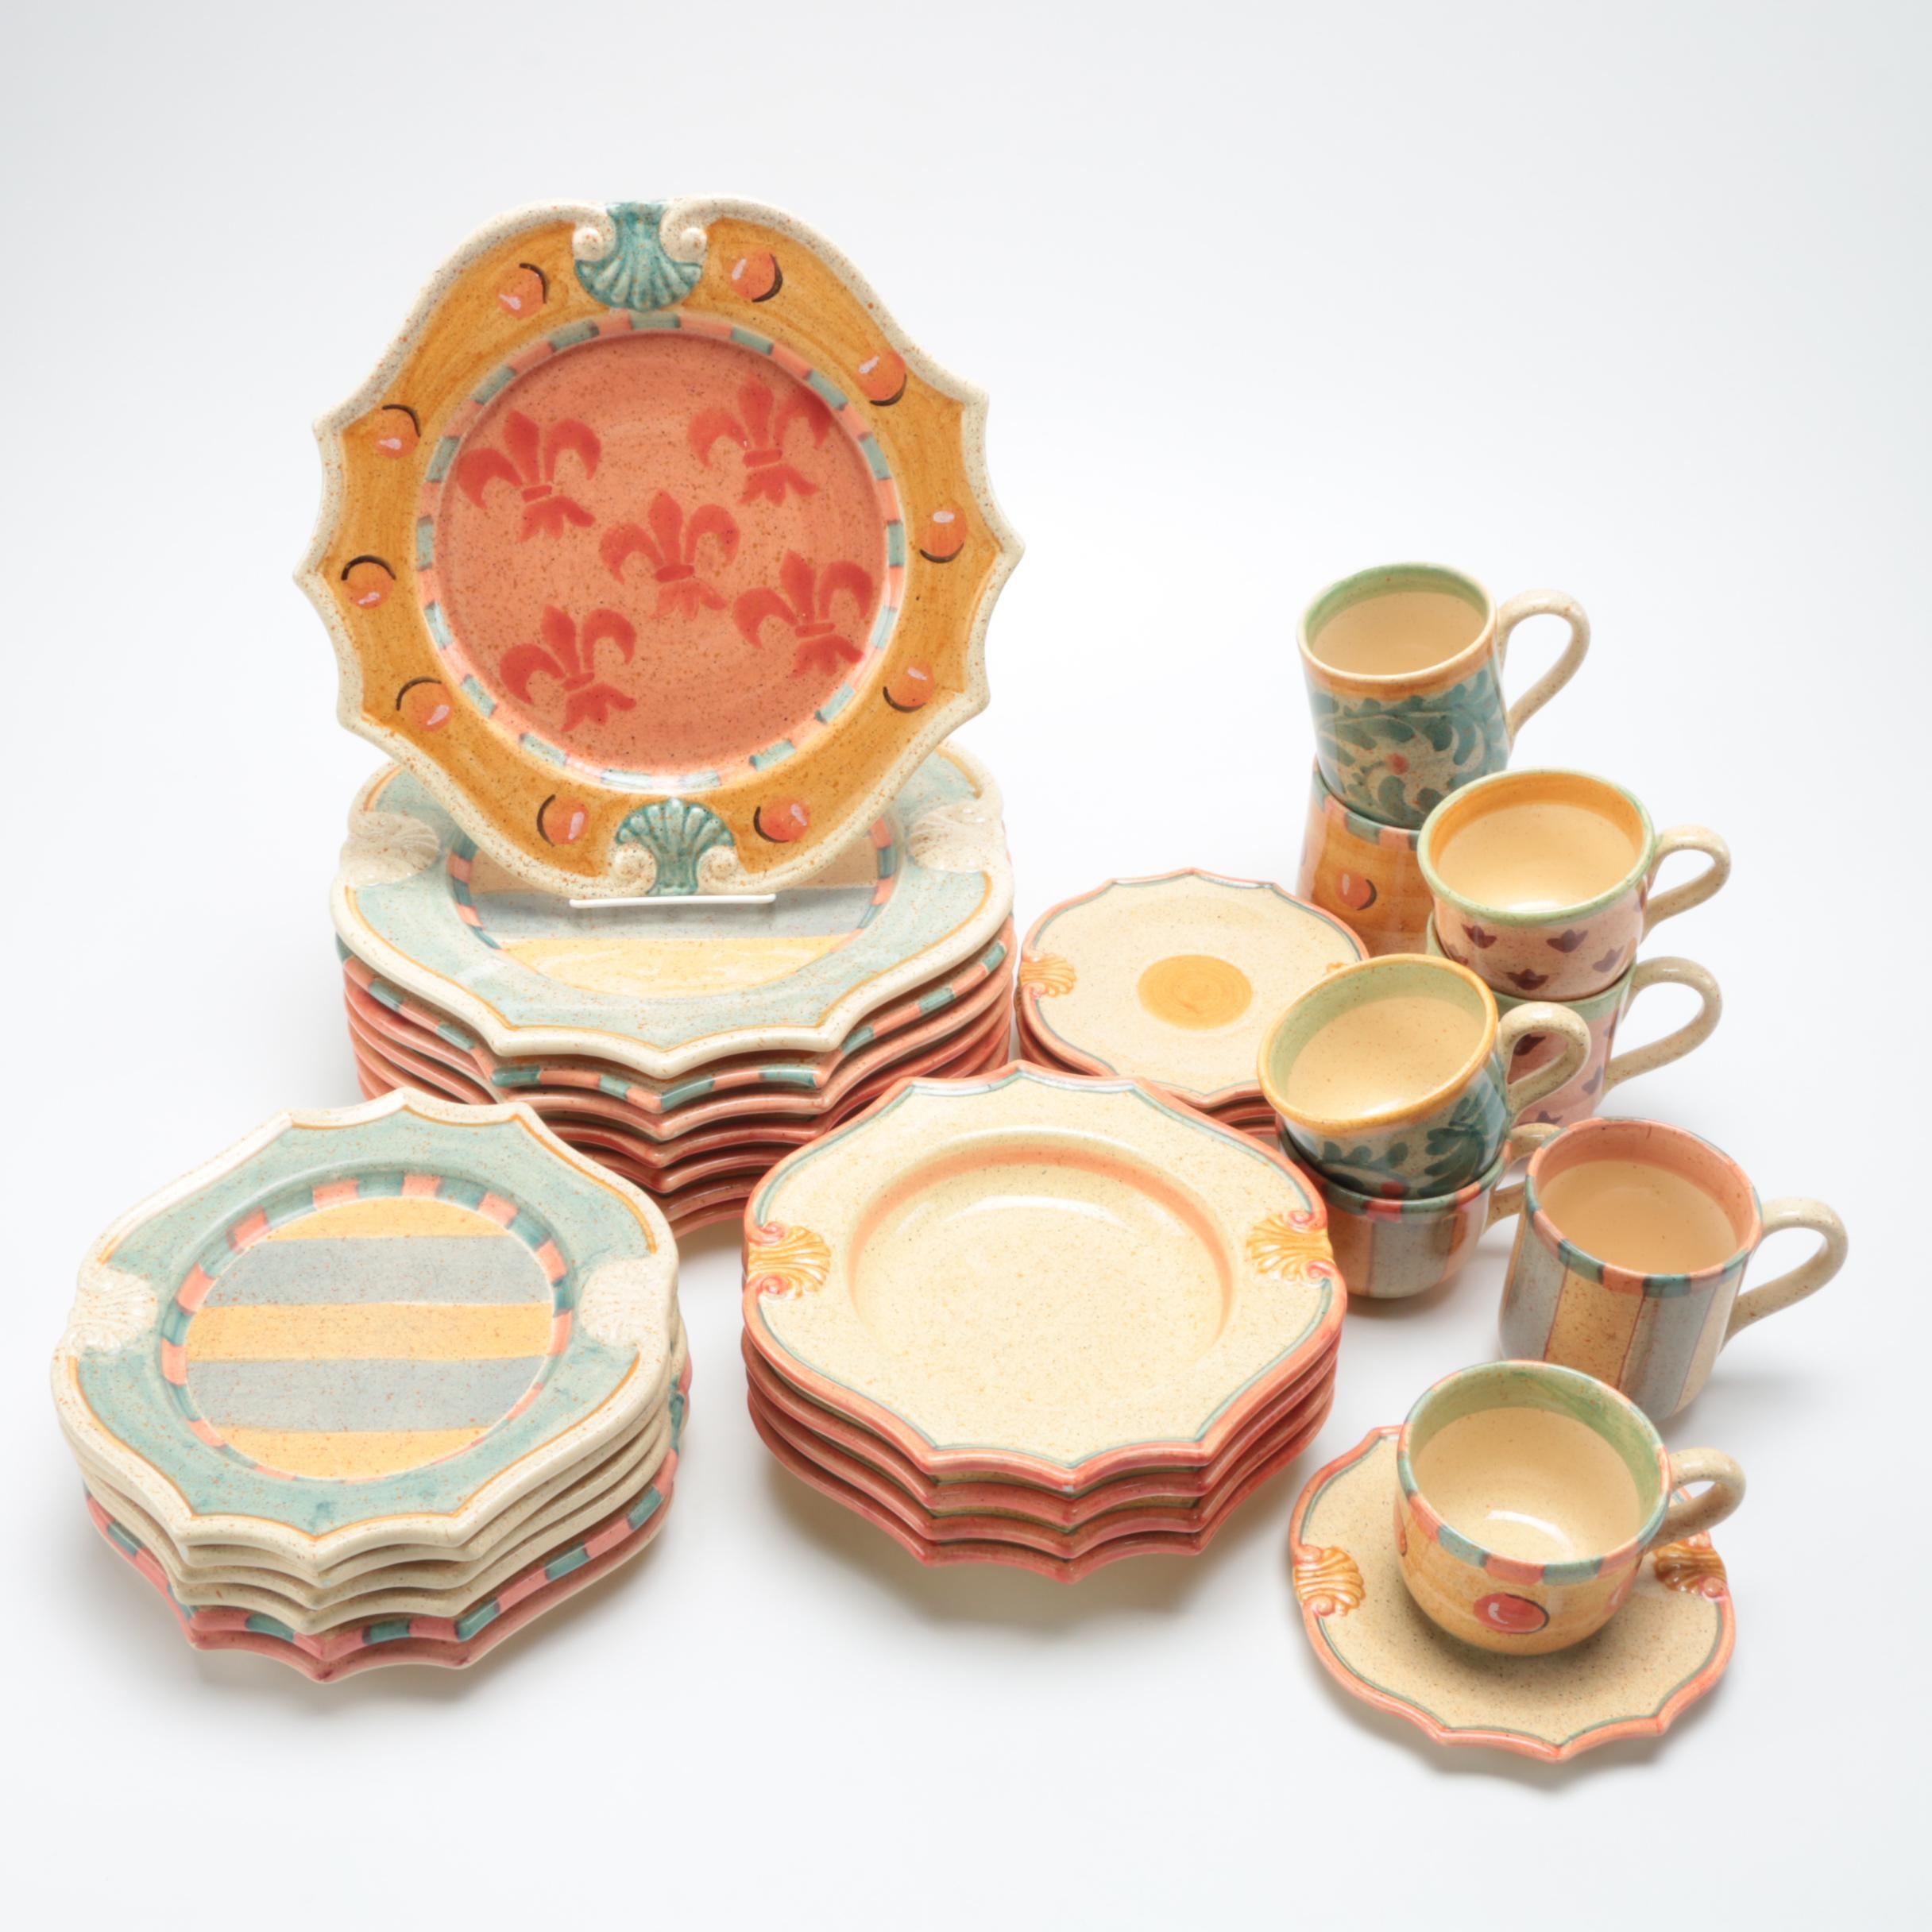 Horchow Hand Painted Italian Ceramic Tableware Set ... & Horchow Hand Painted Italian Ceramic Tableware Set : EBTH